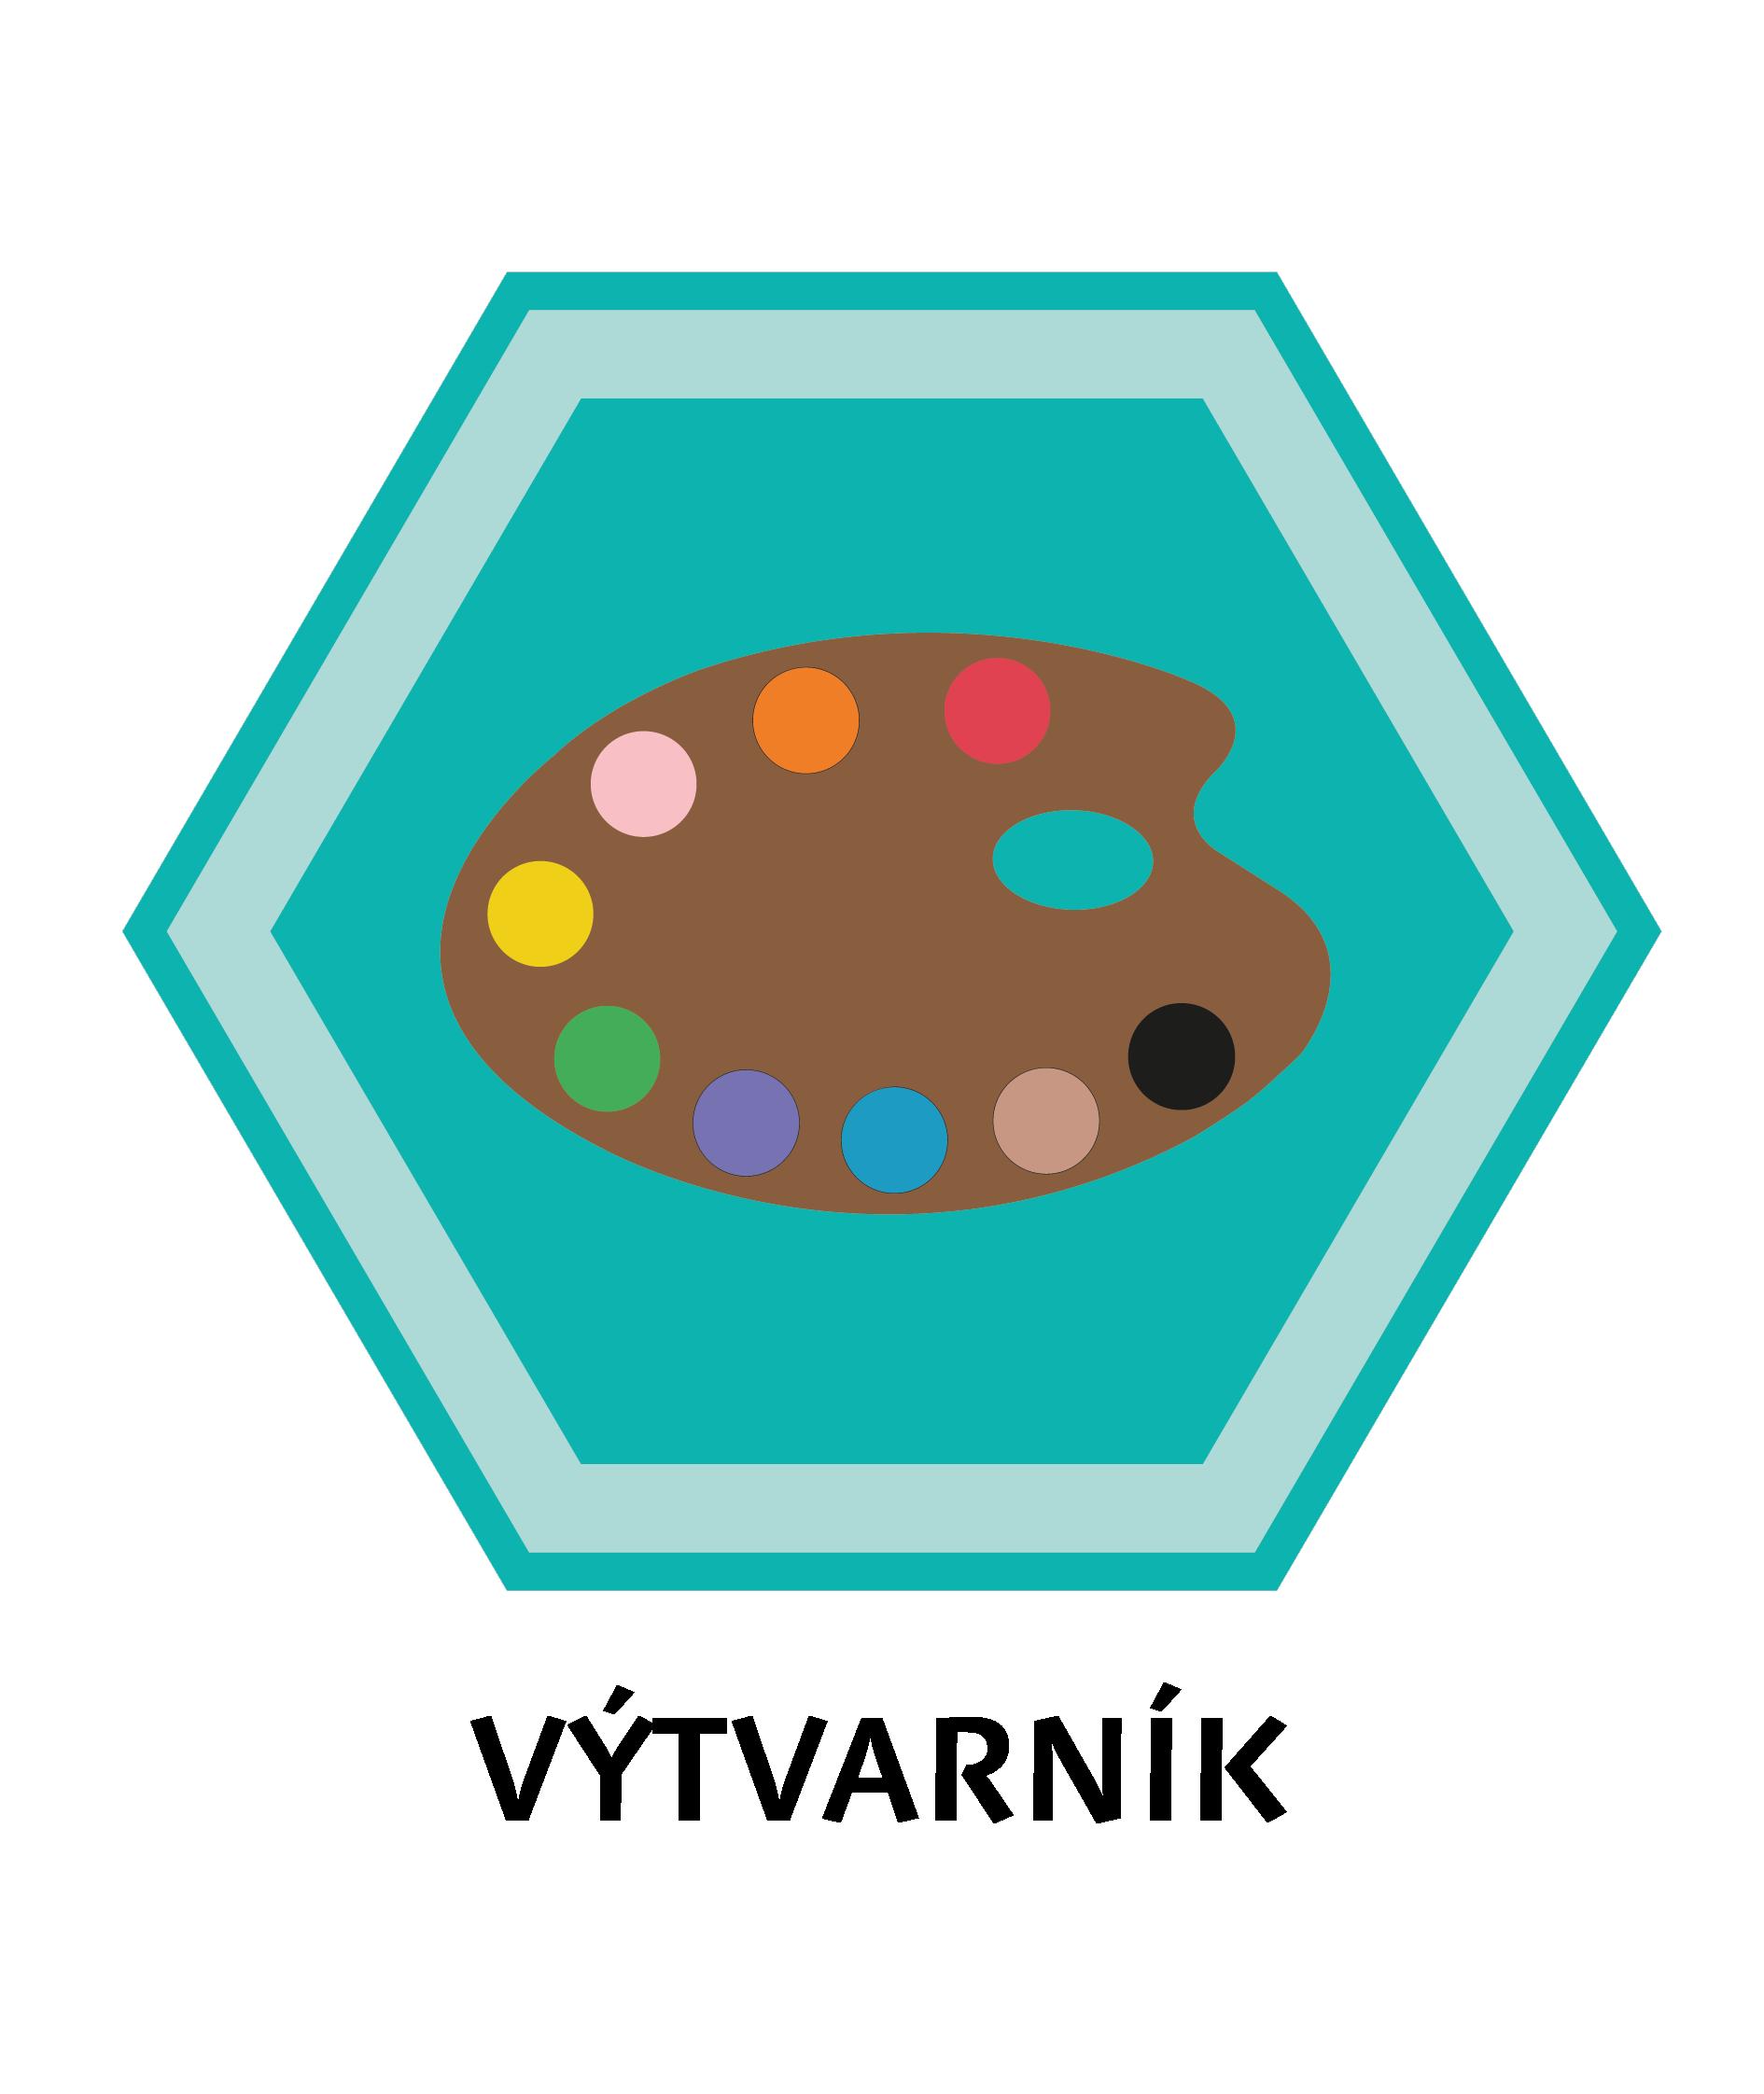 Výzva: Nakresli vysněnou planetu